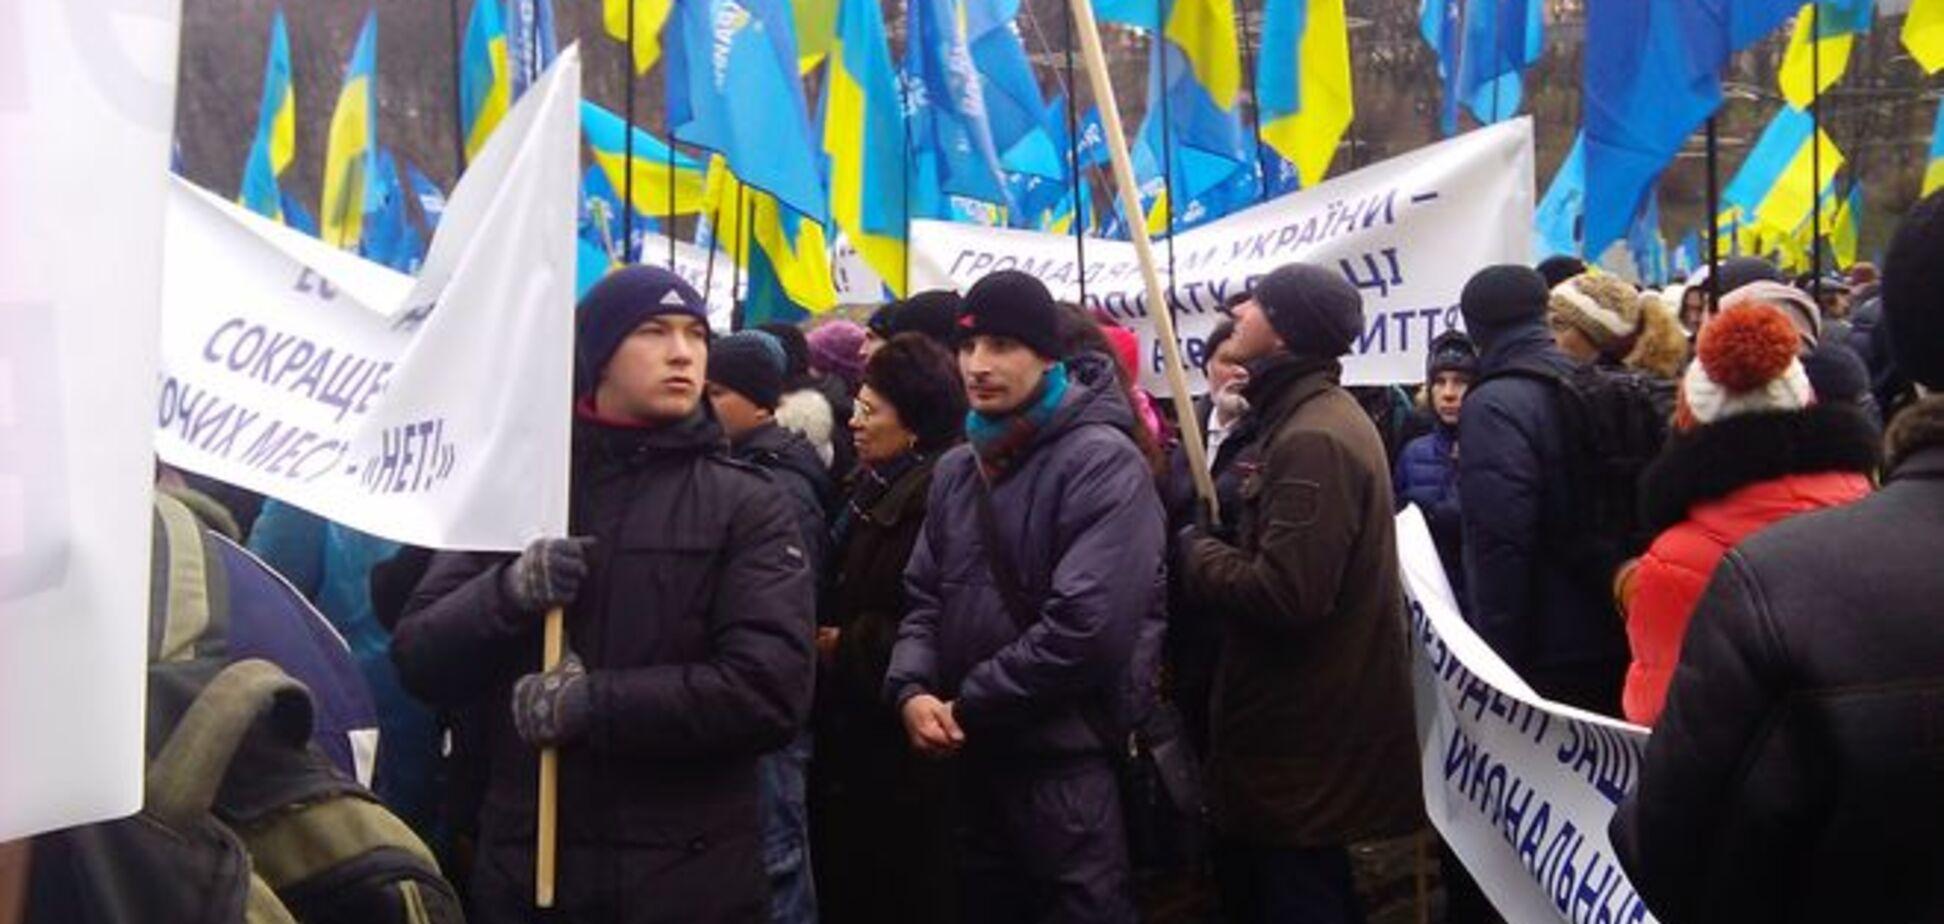 'Запрет сыграет злую шутку, хуже чем с Януковичем' – соцсети об инициативе Геращенко